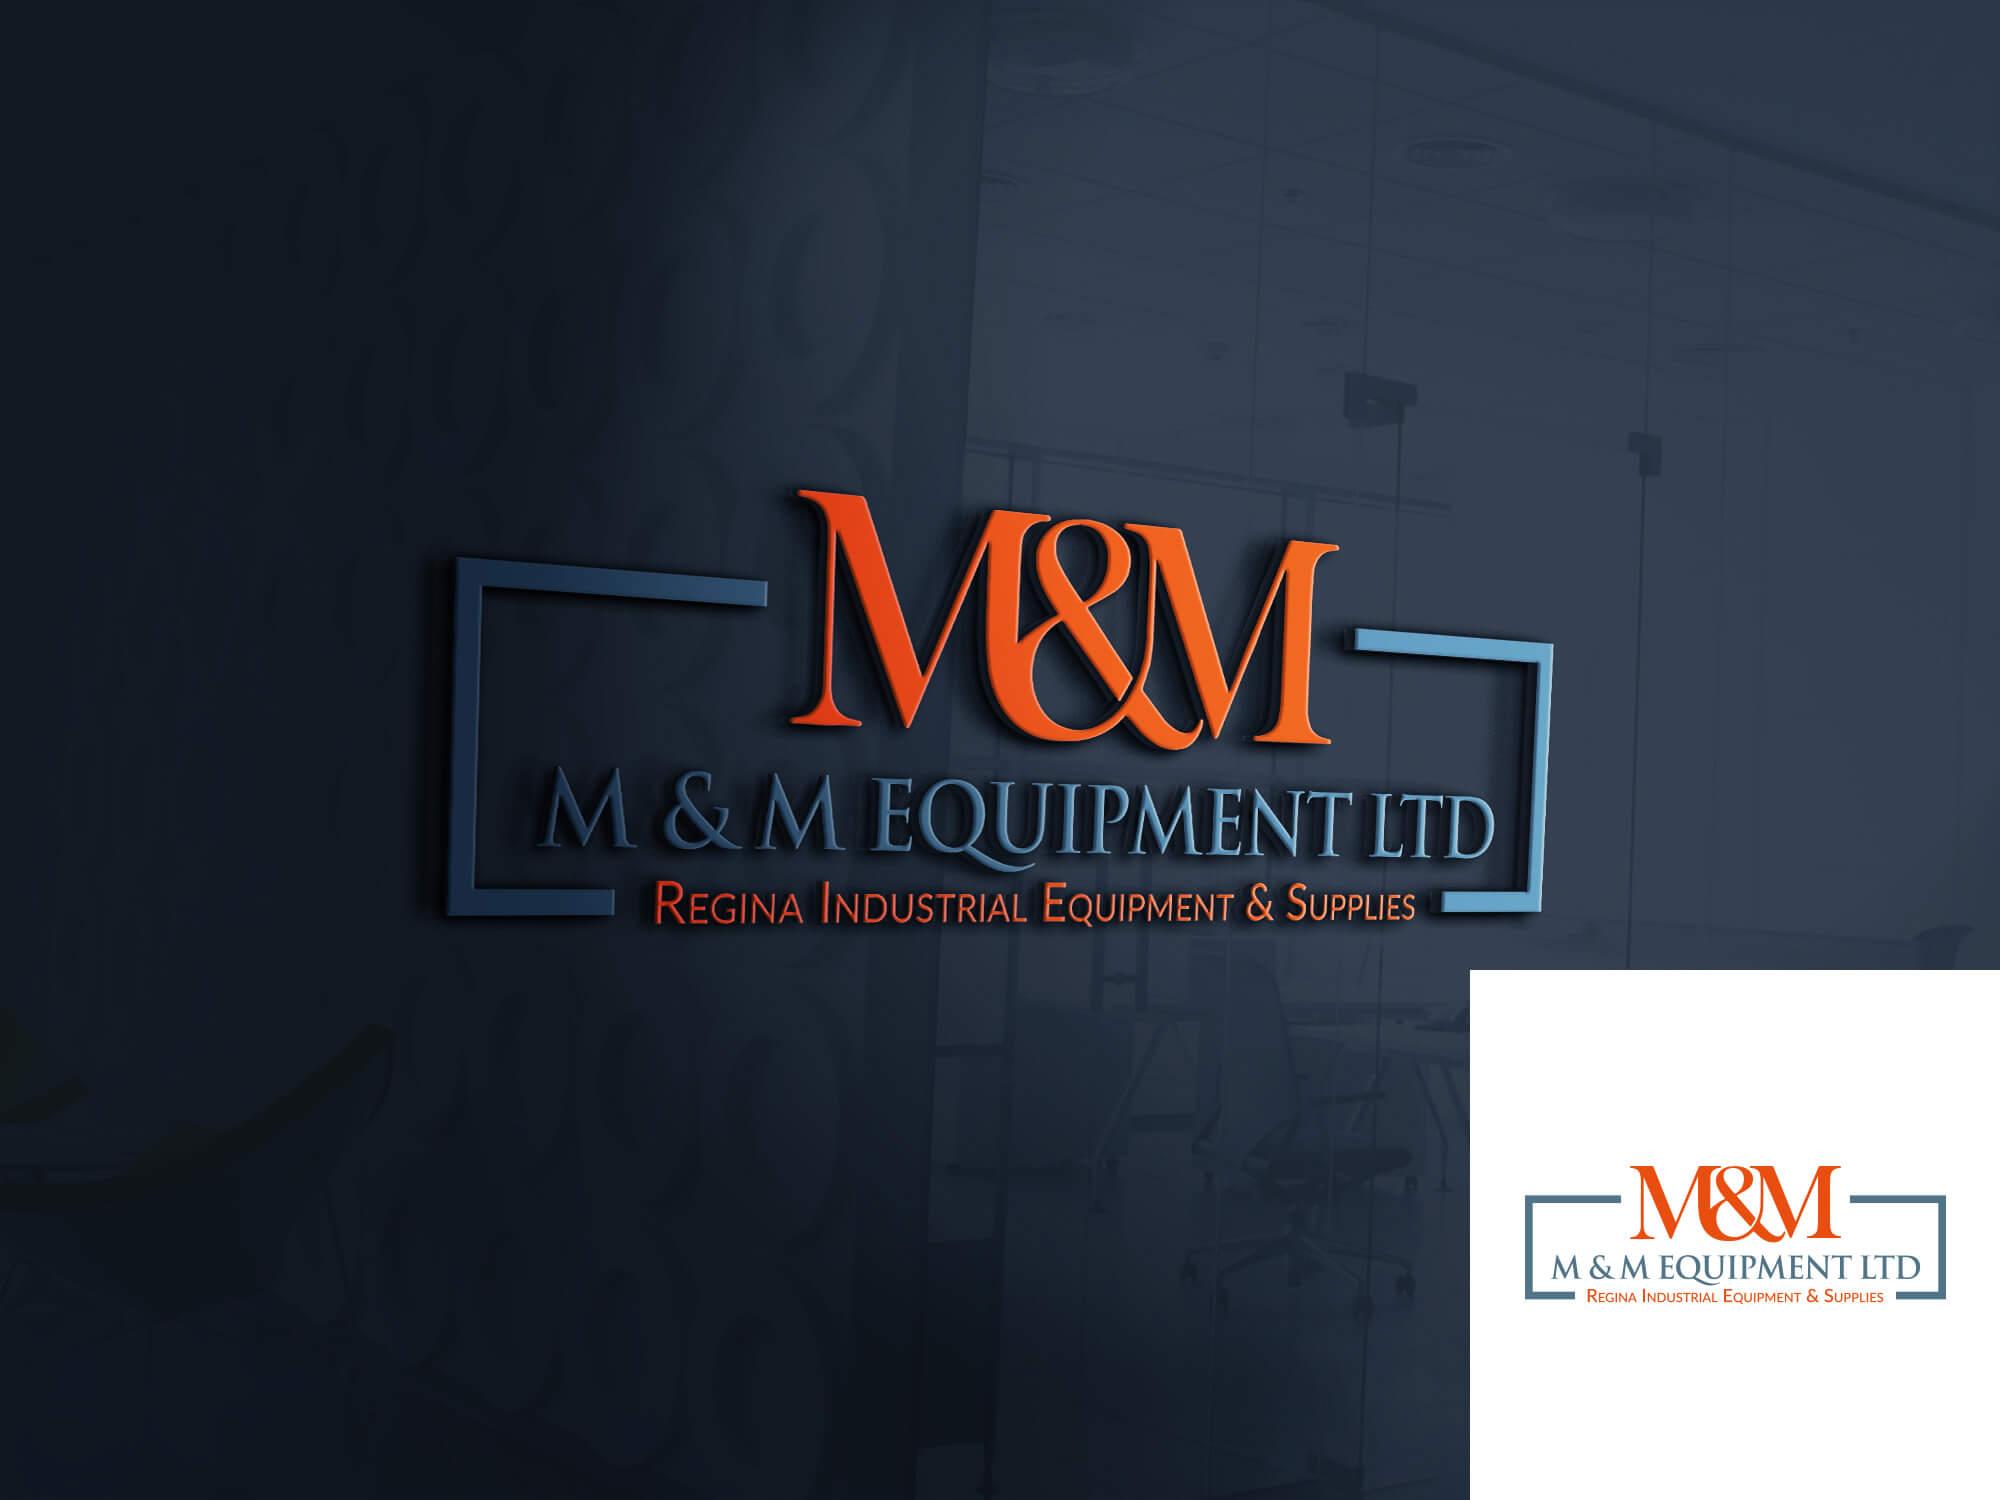 Construction Company Logo Design Services Prince Albert